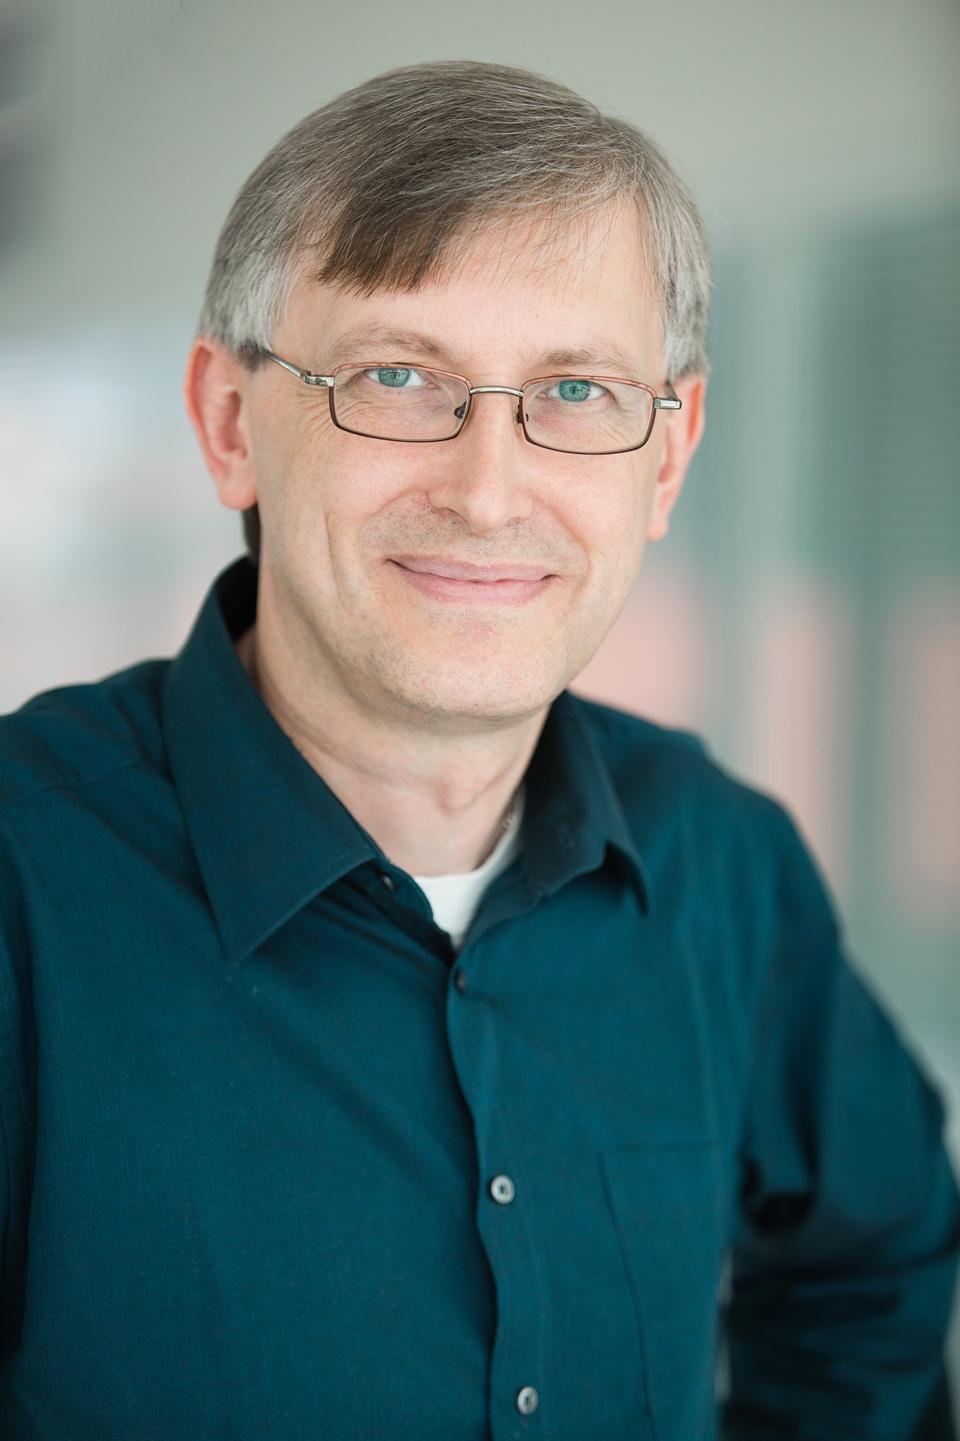 Dr. Oliver Ohlenschläger